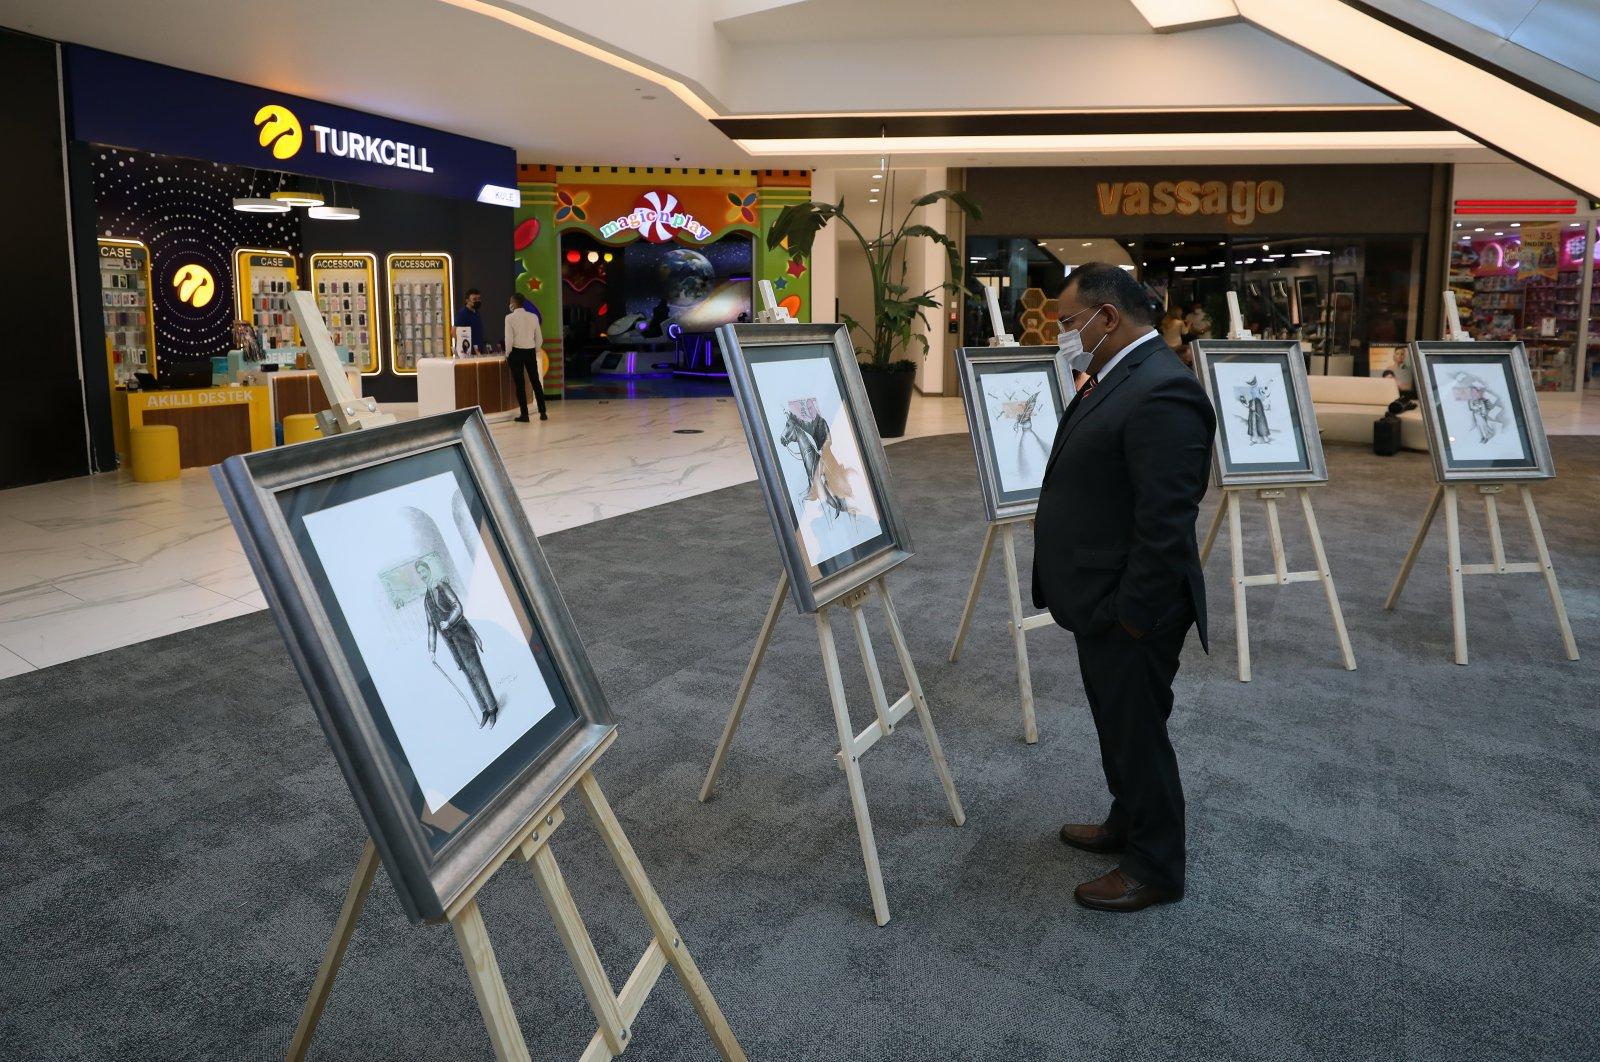 A visitor examines works by Fernando Valdiviezo at the exhibition, Ankara, Turkey, Sept. 8, 2021. (AA Photo)